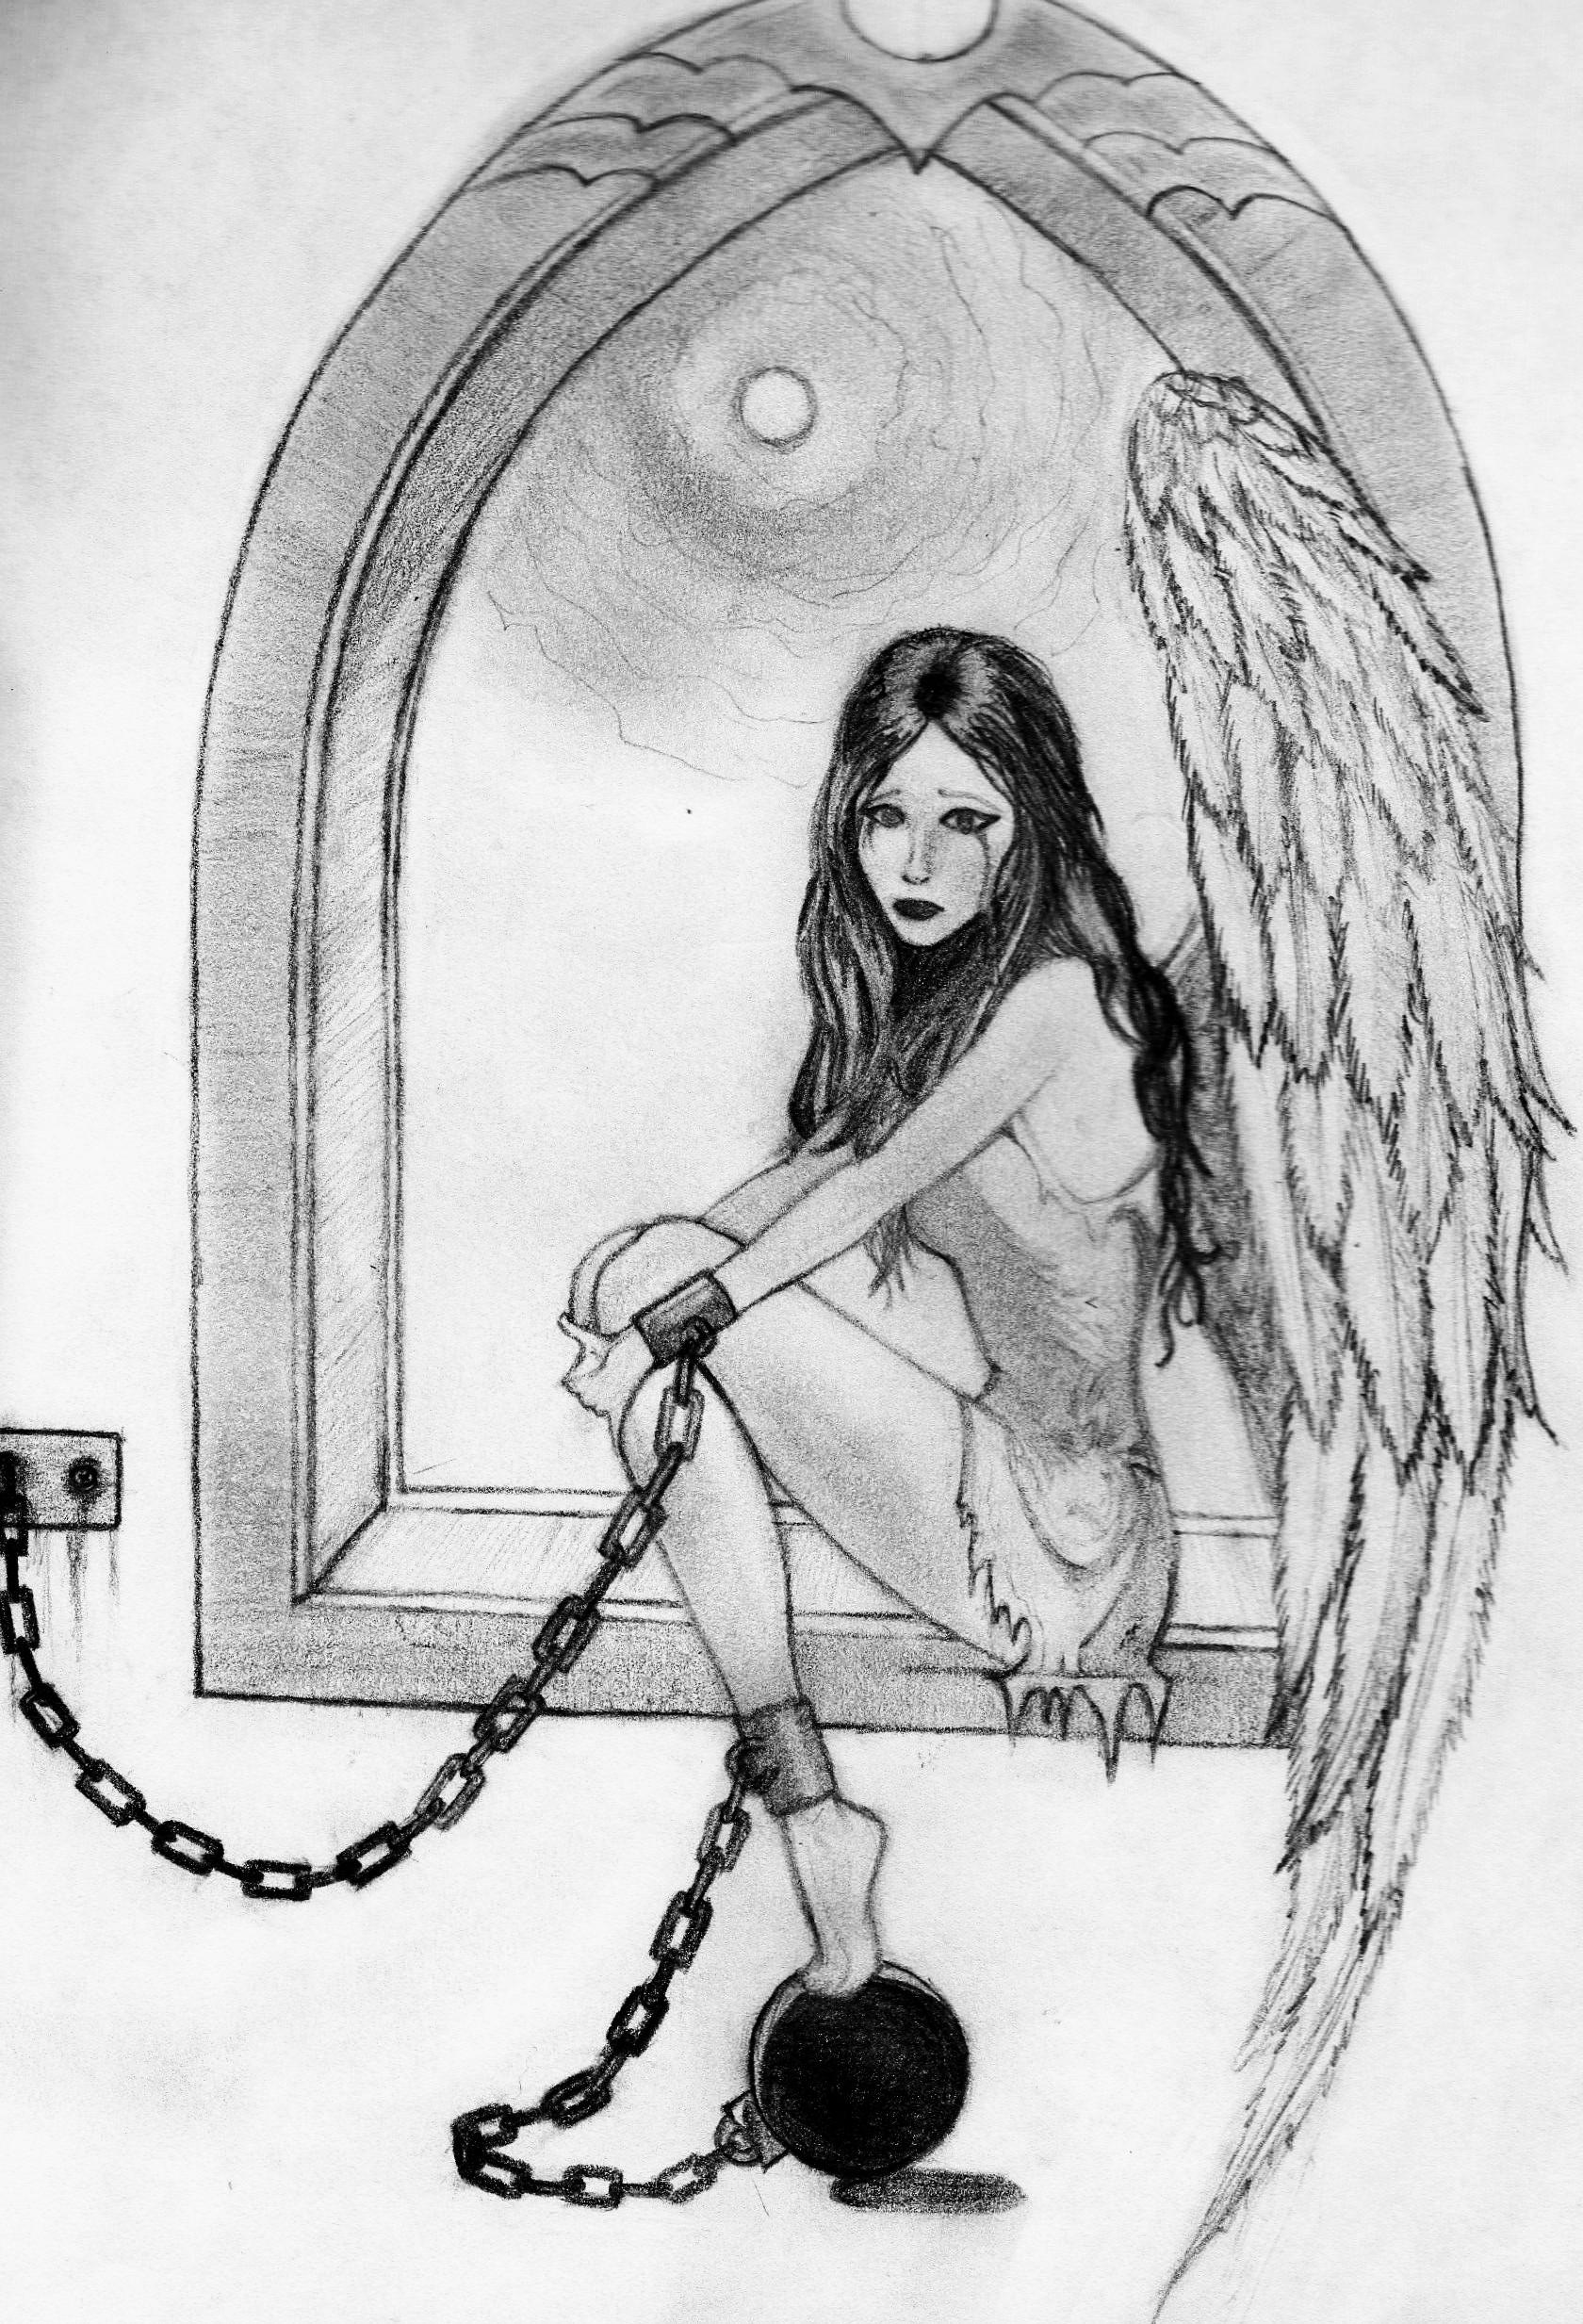 Captive angel pencil sketch by a fragile smile on deviantart